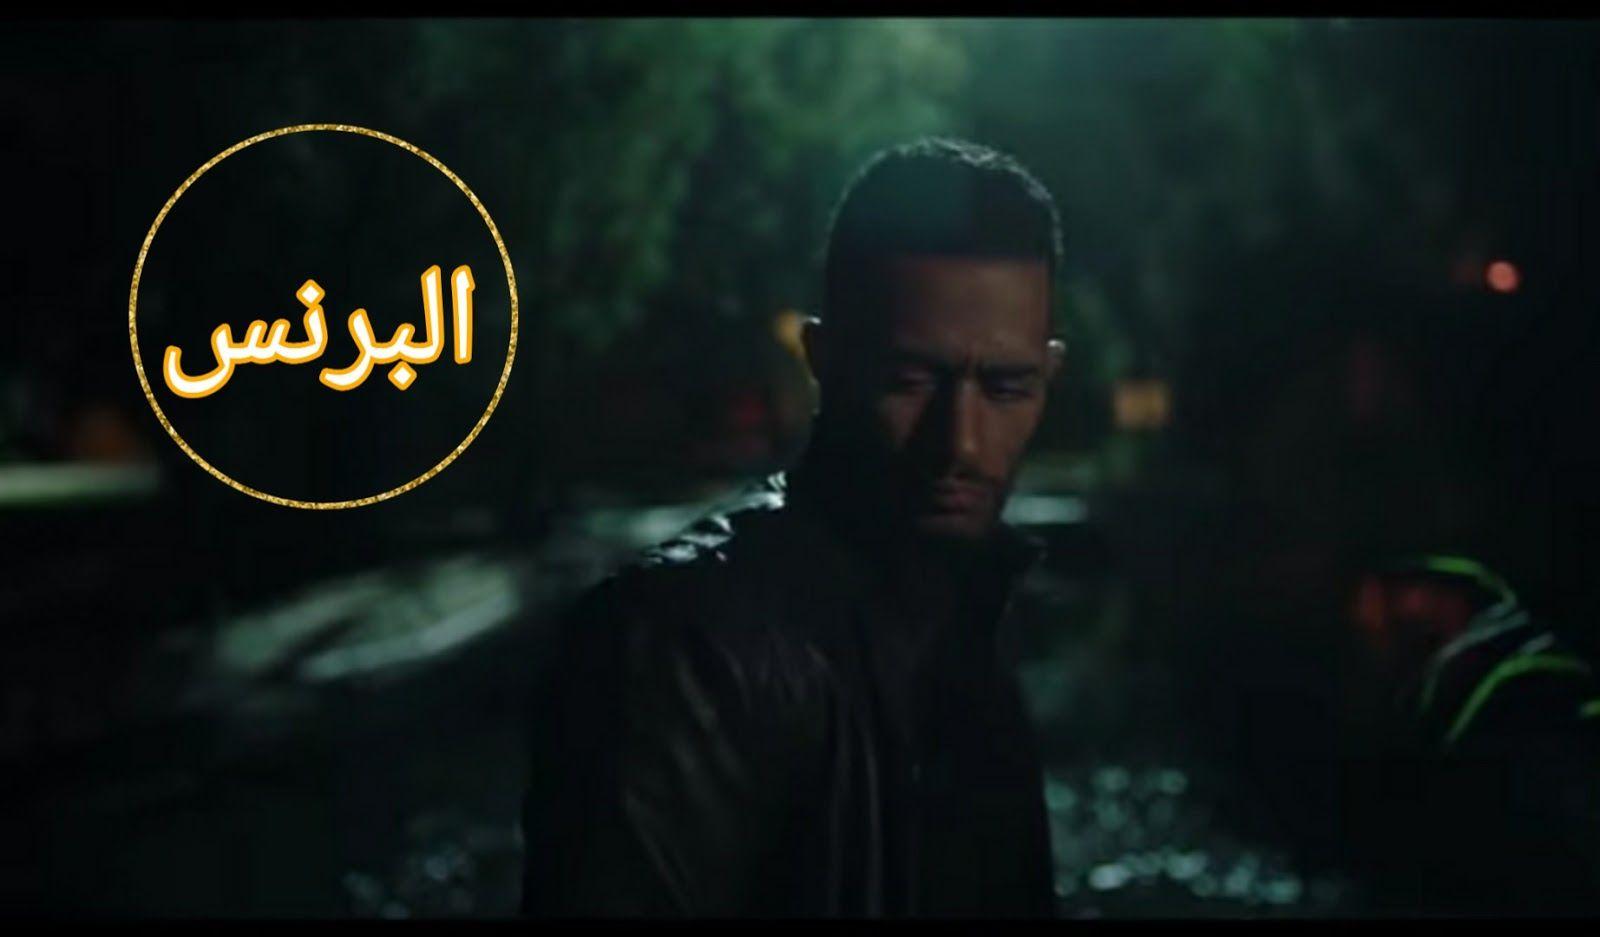 ونسناها كلمات اغنية البرنس من مسلسل البرنس بطولة محمد رم Ramadan Song Prince Mohammed Songs